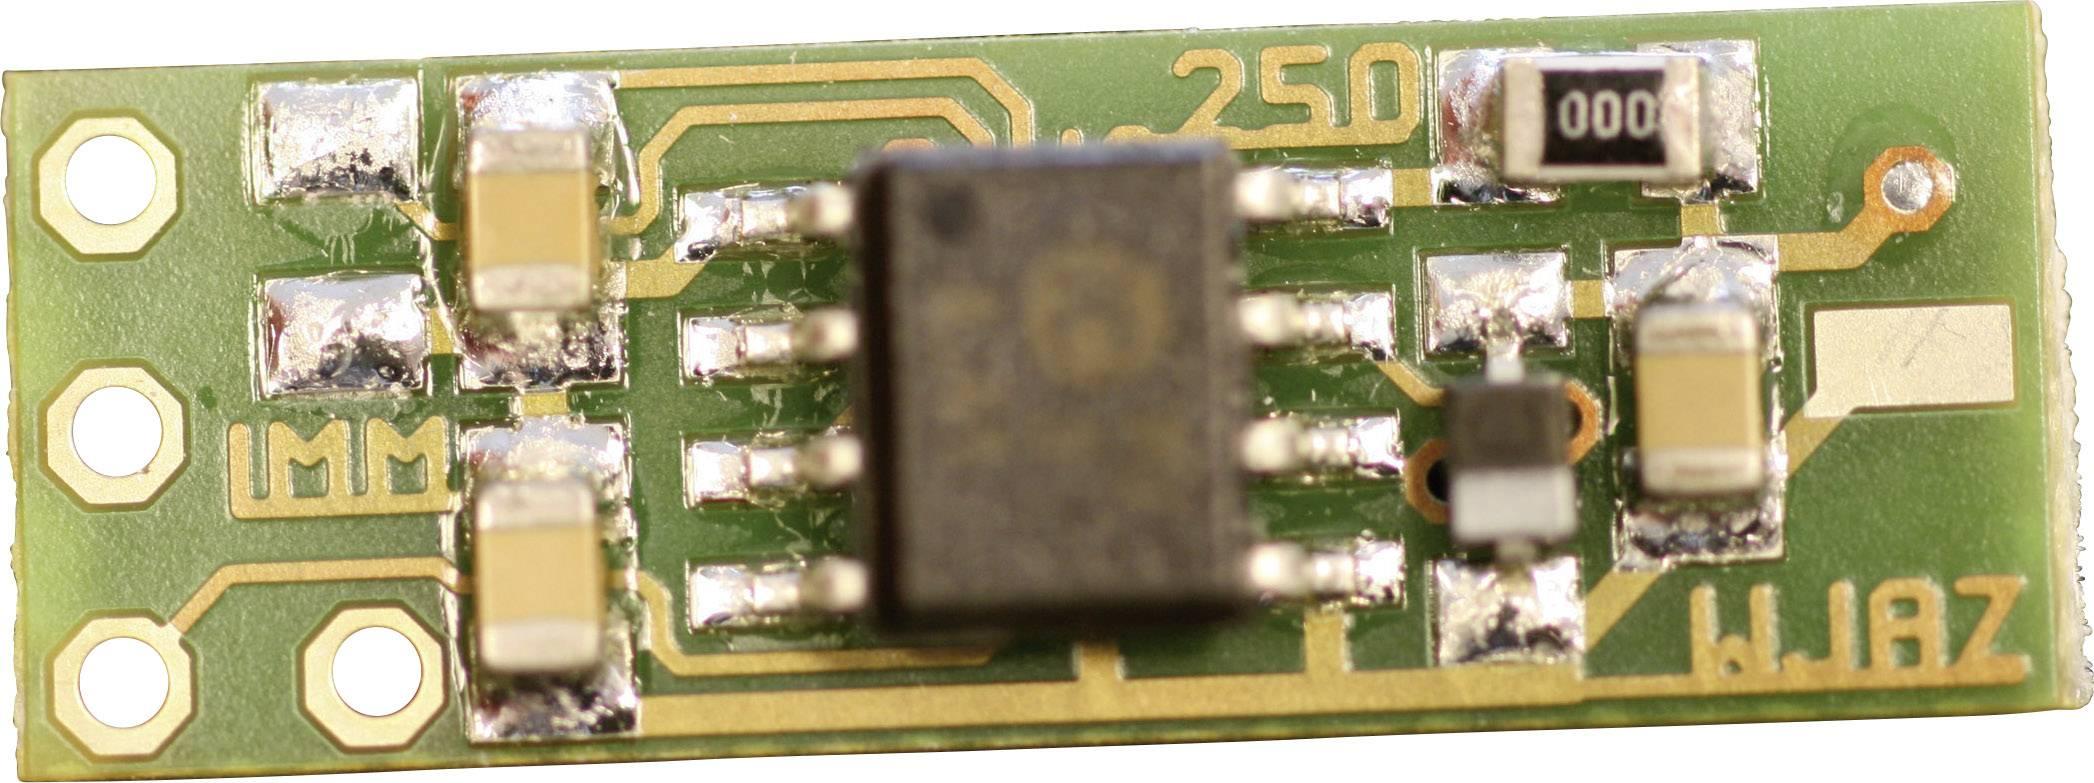 SMD řídící elektronika pro CW laserové diody